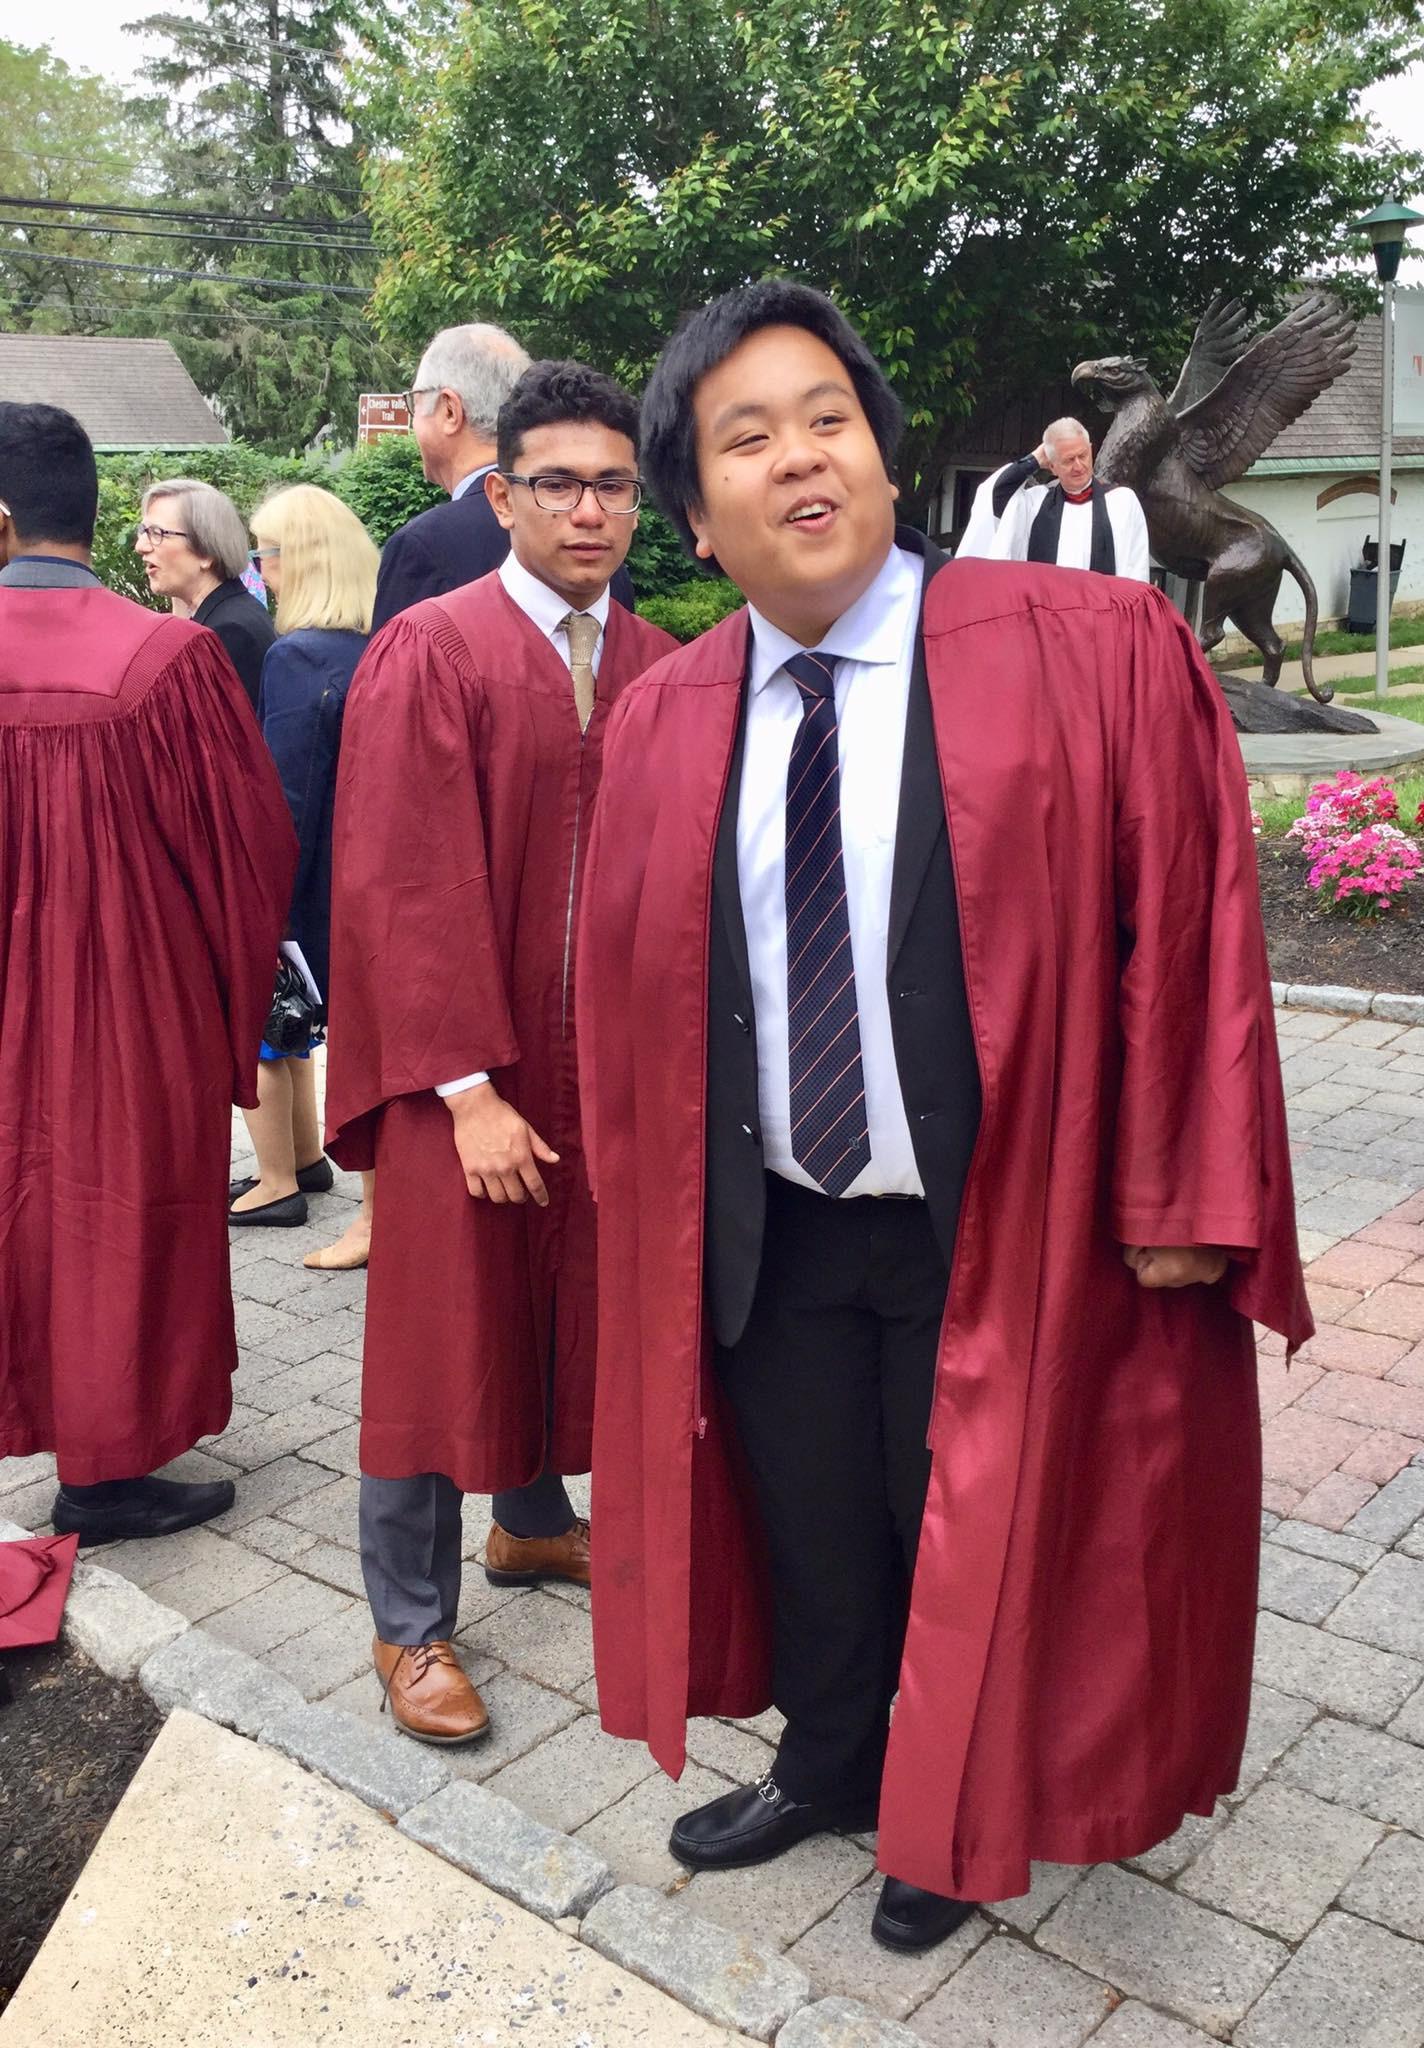 Không thể ngờ: Hôm nay, thần đồng Đỗ Nhật Nam đã tốt nghiệp cấp 3 và sắp bước vào Đại học! - Ảnh 1.